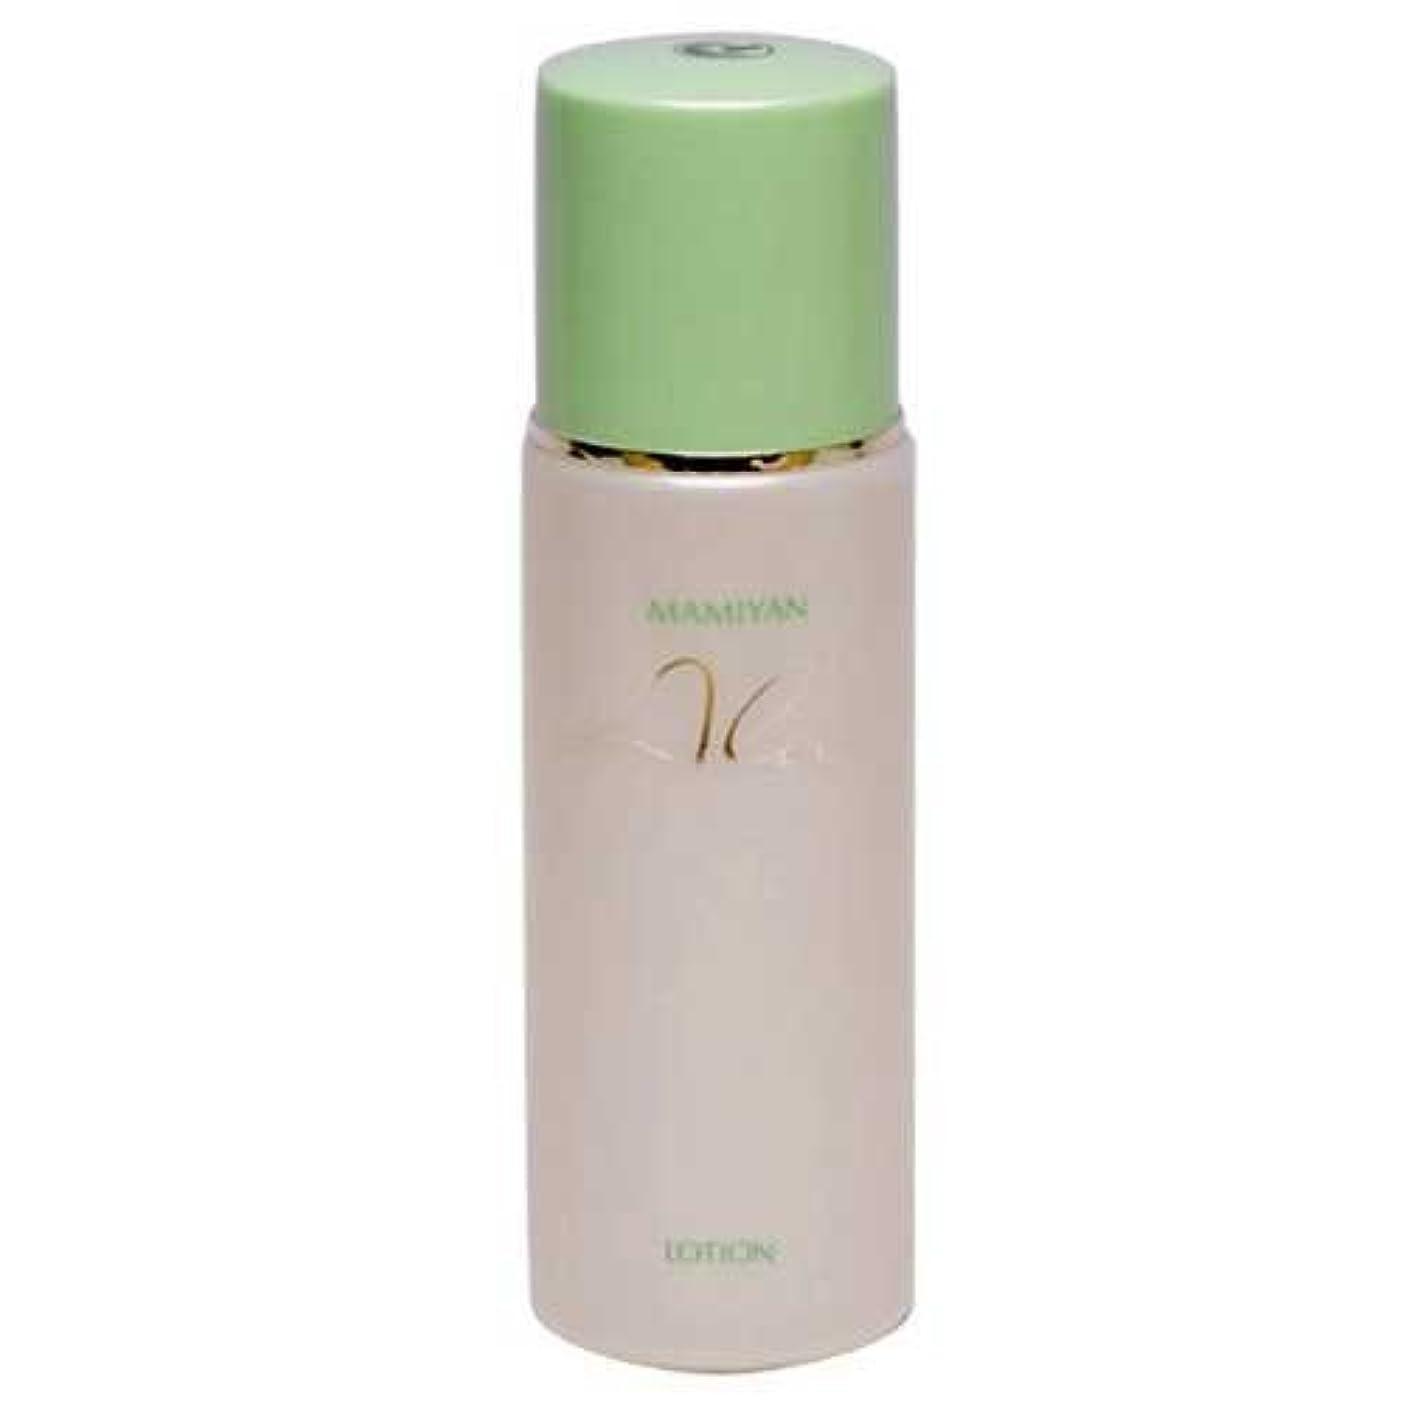 花火地上で出撃者マミヤンアロエ基礎化粧品シリーズ アロエローション 120ml 肌にやさしくなじむ化粧水